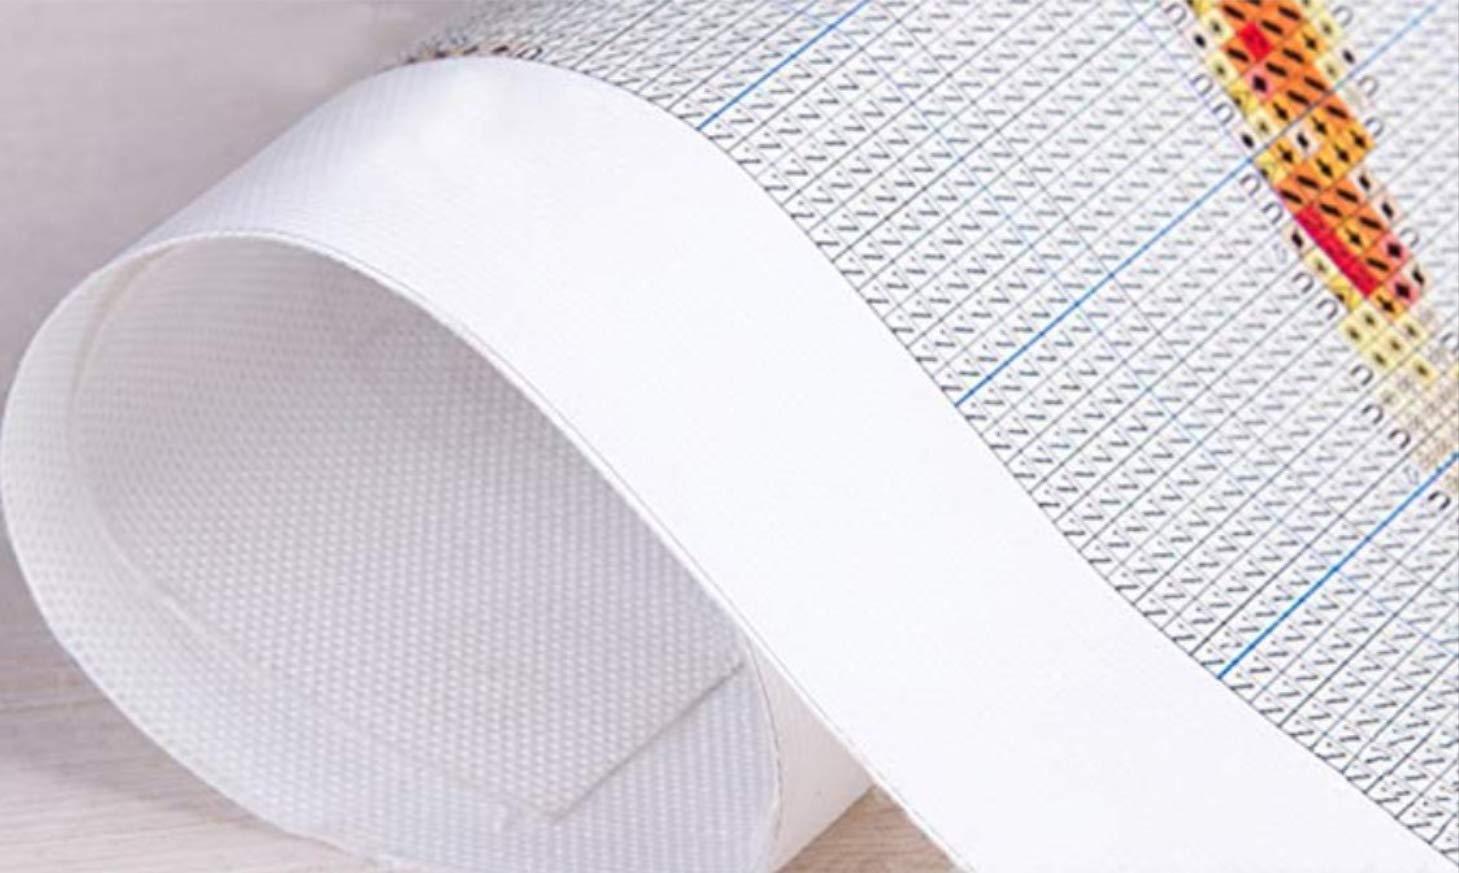 50CM Due Piccoli Angeli Fai Da Te 5D Diamante Pittura Decorativa Rhinestone Di Cristallo Set Digitale Resina Completa Mosaico Punto Croce Kit Per La Decorazione Della Parete Di Casa 40